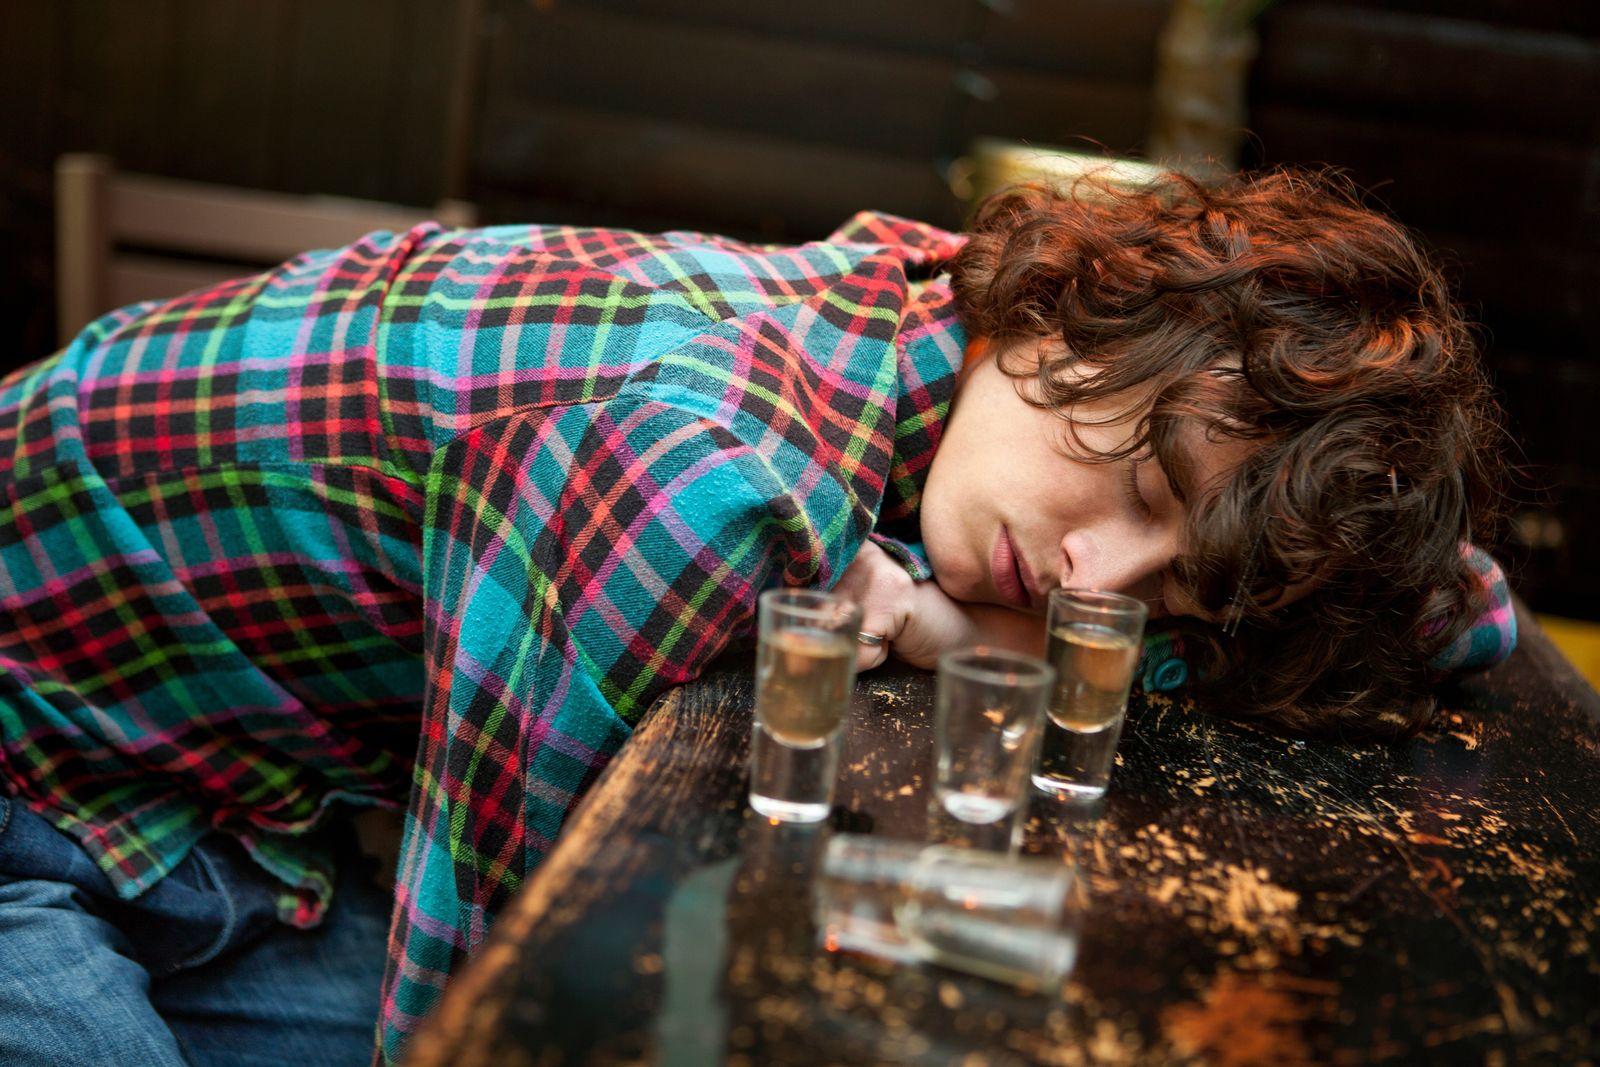 NICHT MEHR VERWENDEN! - Komasäufer / Komasaufen / Alkohol / Bewusstlos